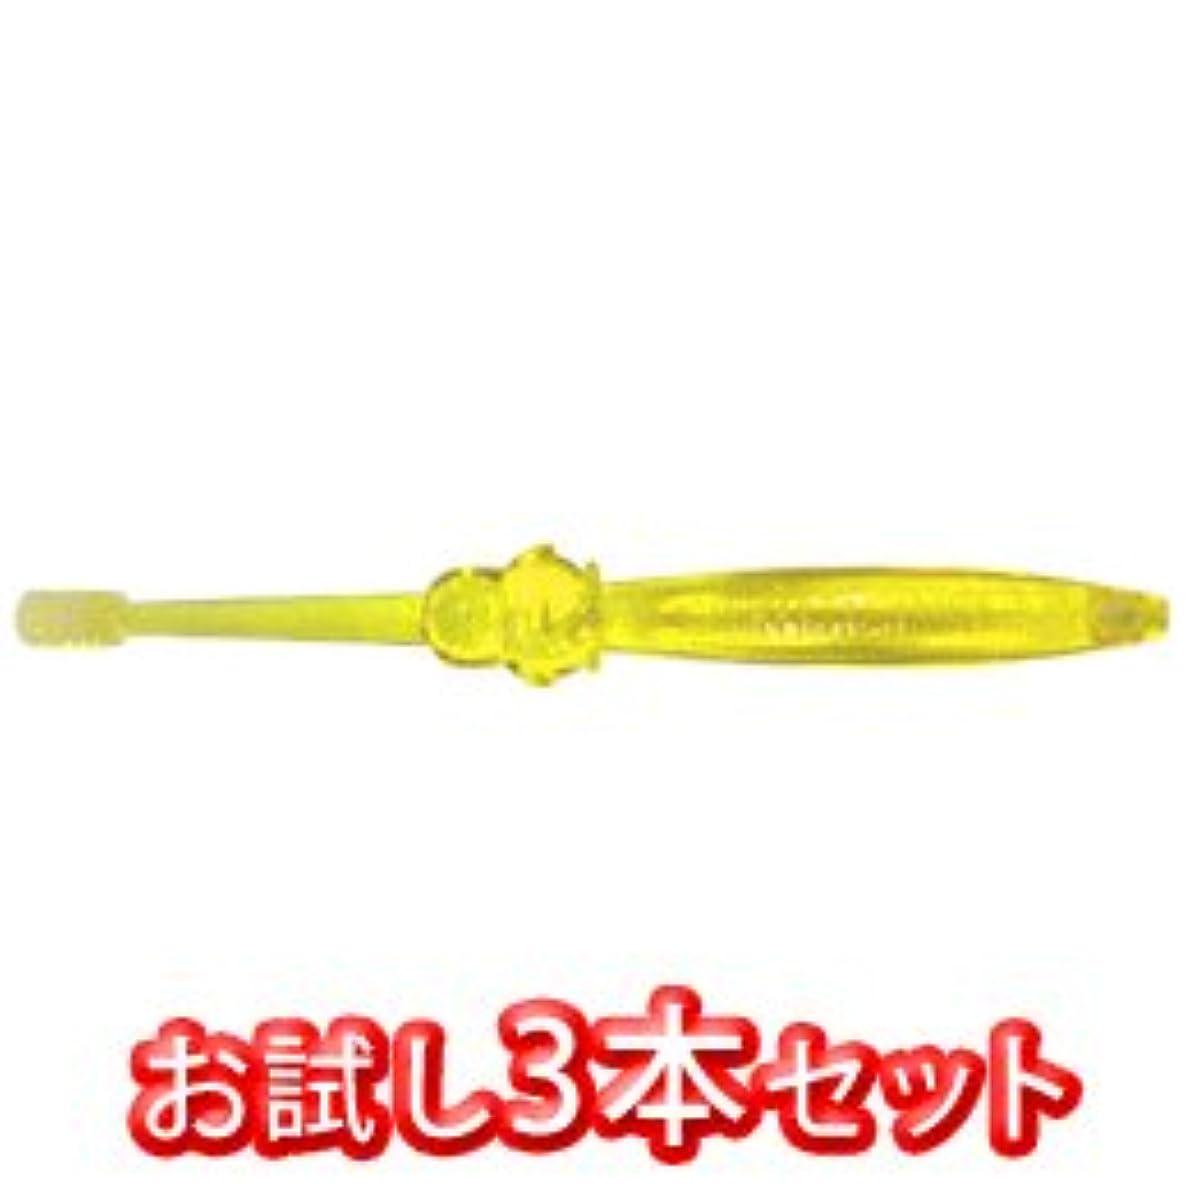 しっとり製作傑作歯科専用 クリスタル アニマルズ 仕上げ磨き用 ハブラシ ヒヨコ 3本